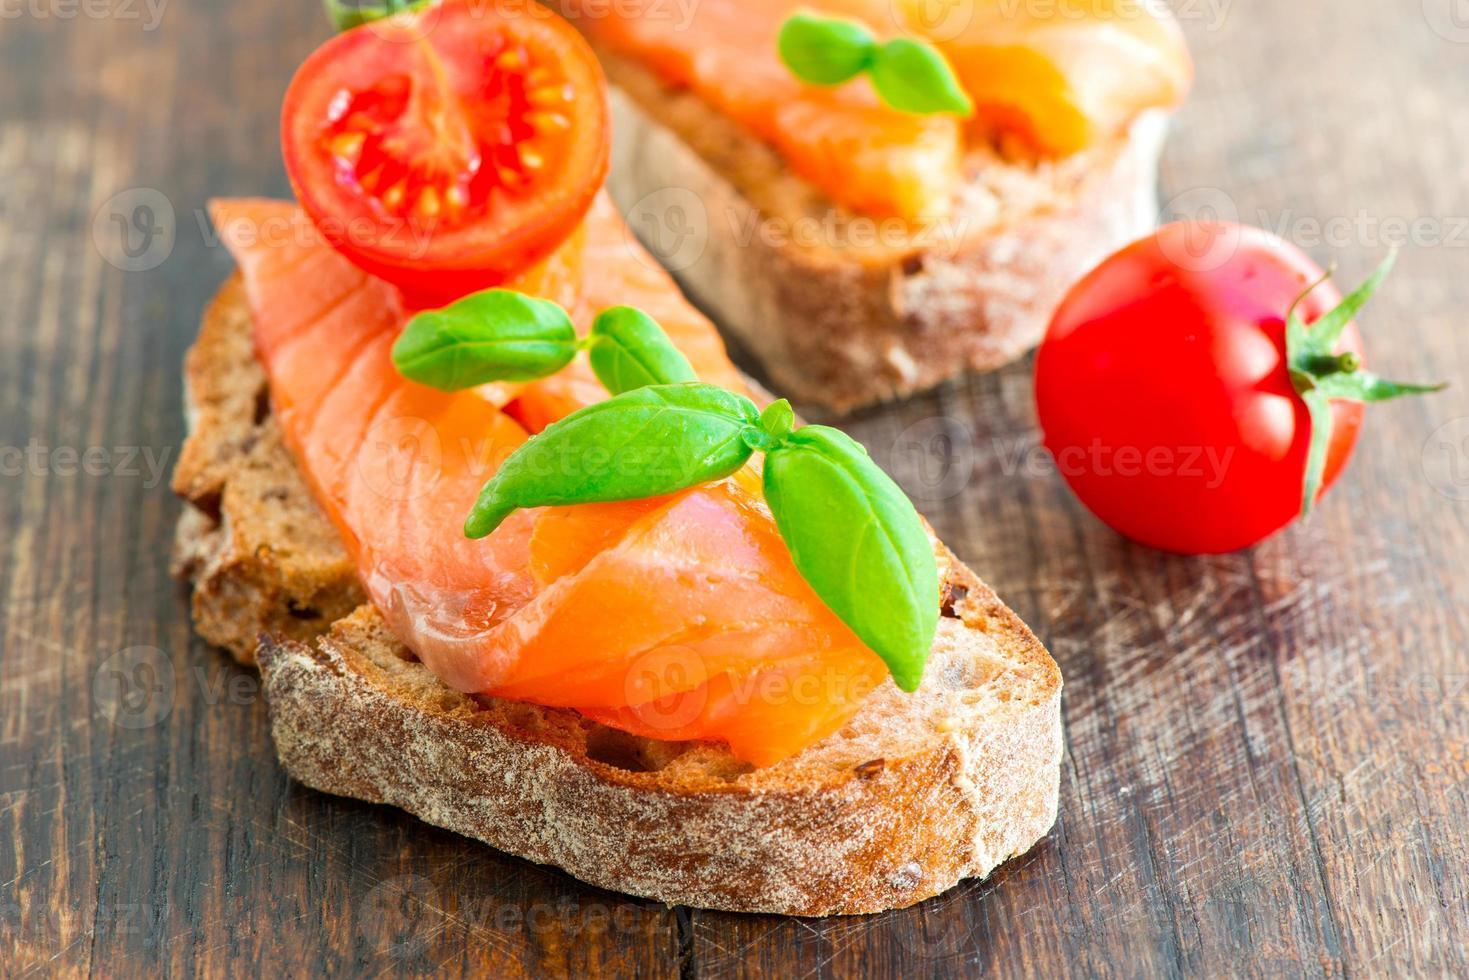 sanduíche de salmão na mesa de madeira com tomate foto